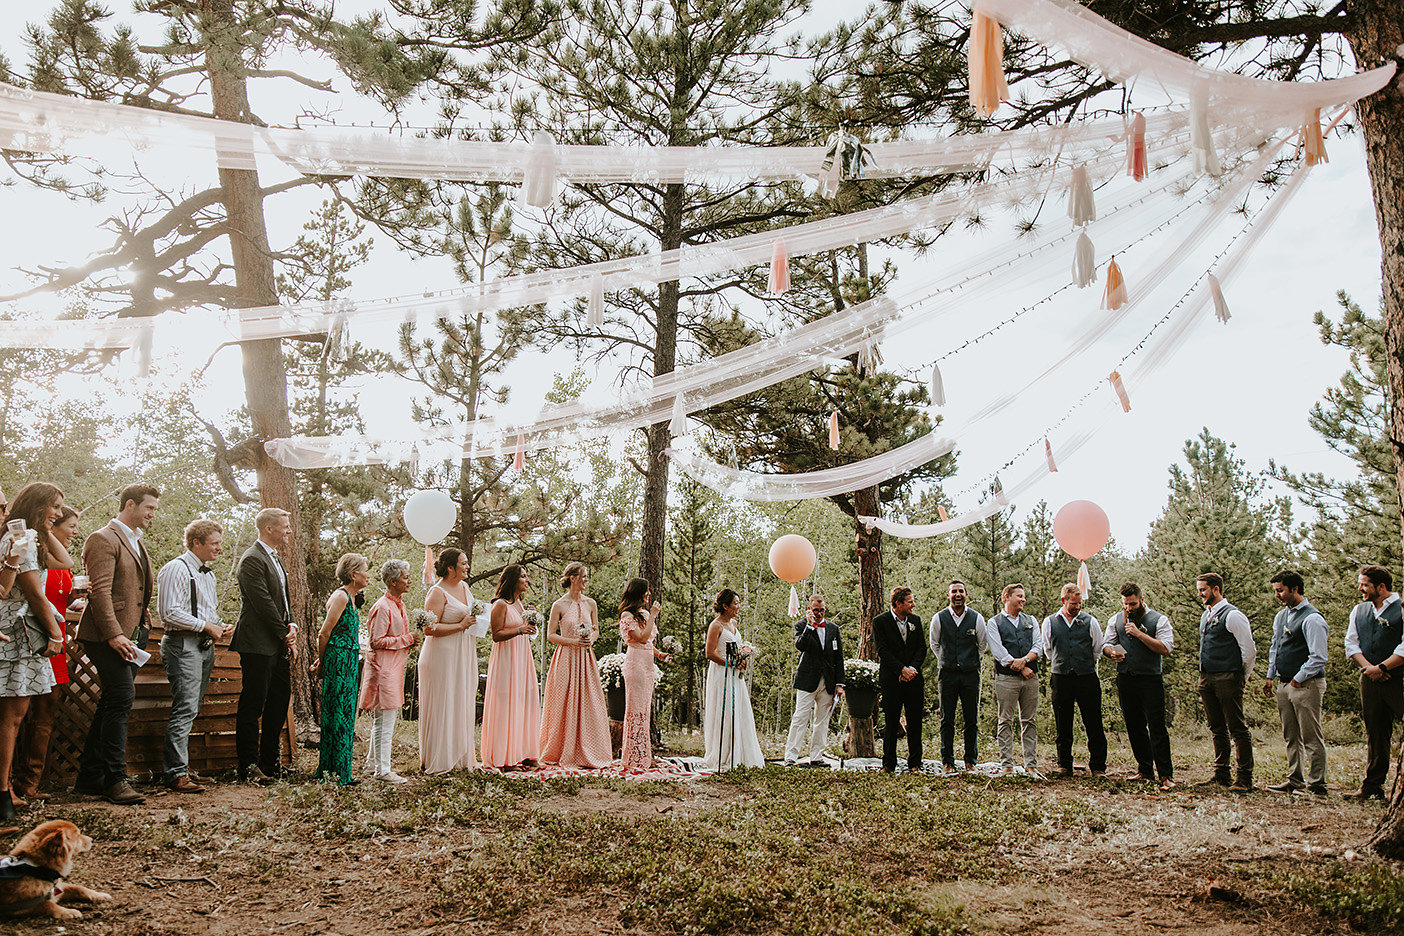 Nederland, Colorado Outdoor Wedding Ceremony